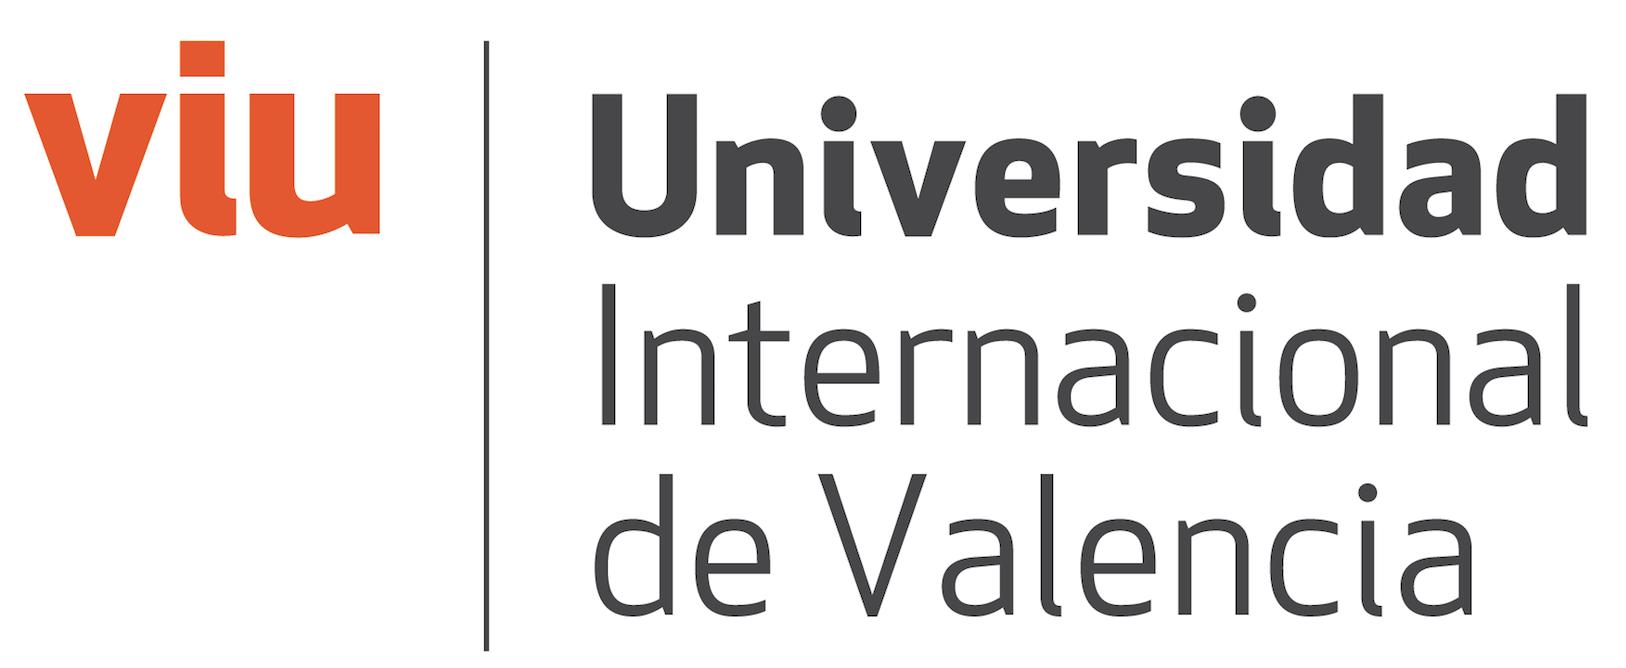 Resultado de imagen de 'Universidad Internacional Valenciana' (VIU